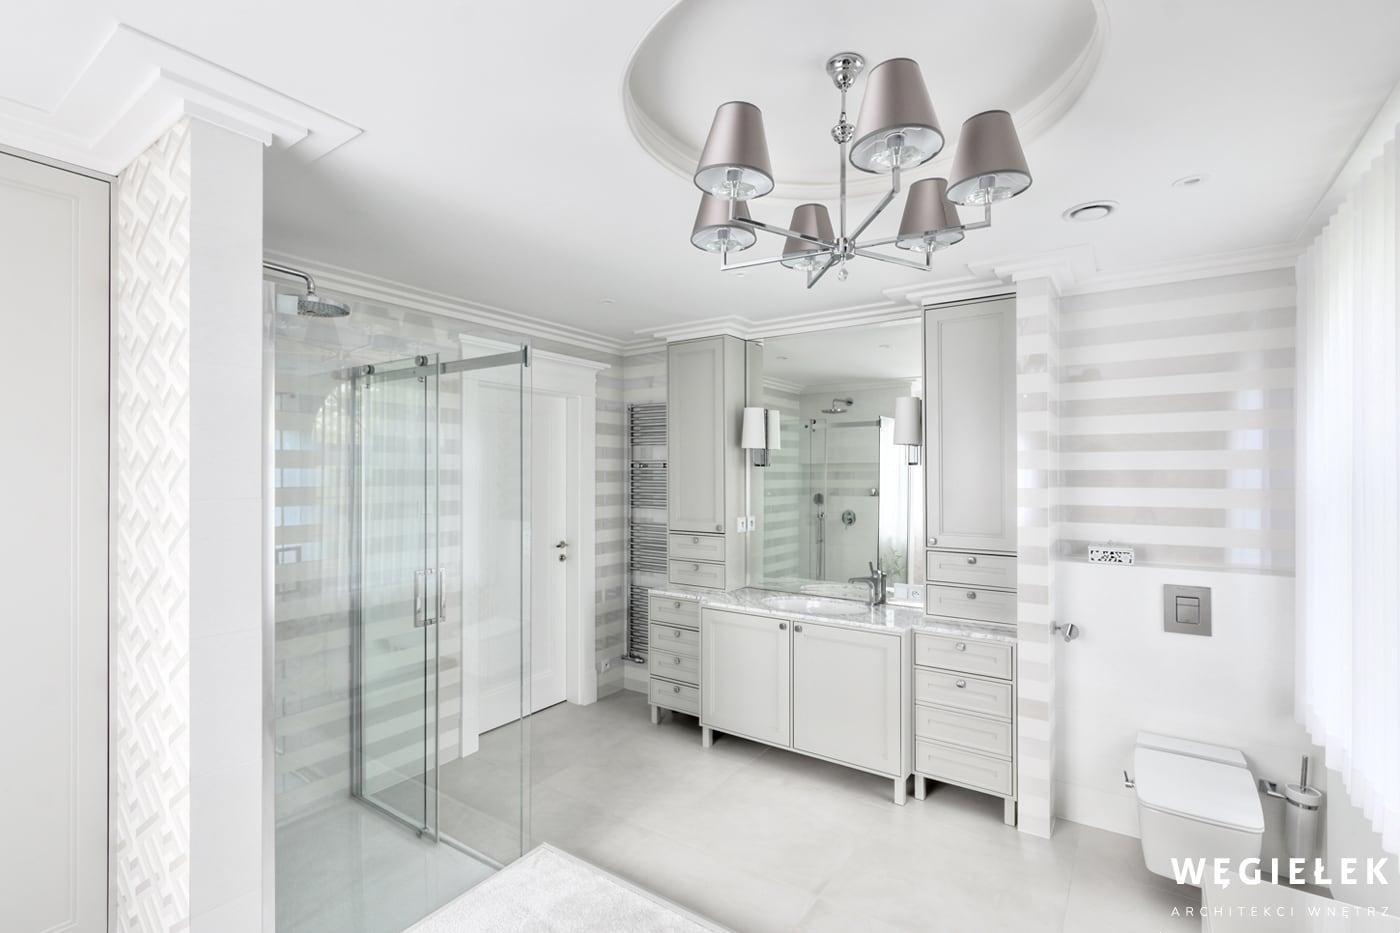 Tę łazienkę w bieli zaprojektowali architekci wnętrz domów z wyczuciem aktualnych trendów. Stanowi ona ciekawe połączenie różnych geometrycznych wzorów.